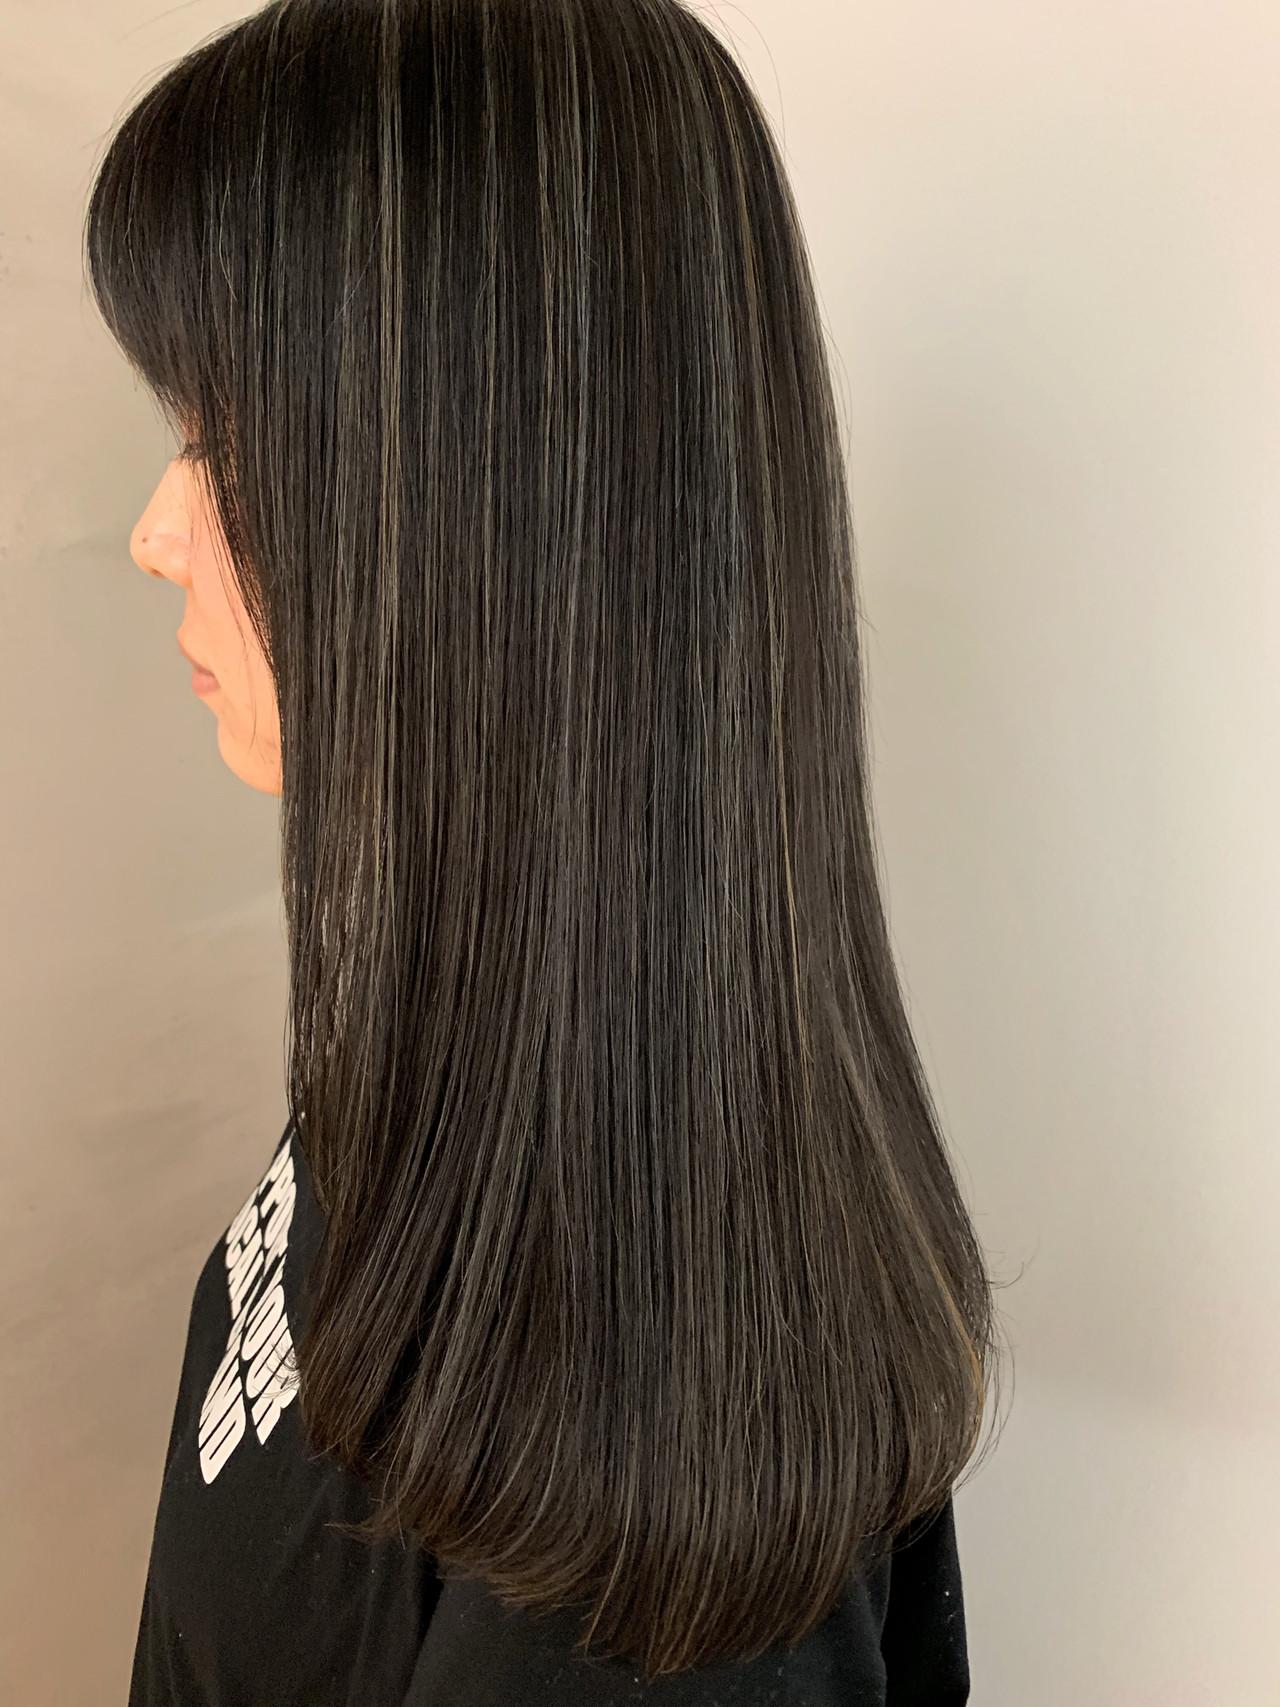 ホワイトハイライト ナチュラル グレージュ ハイライト ヘアスタイルや髪型の写真・画像